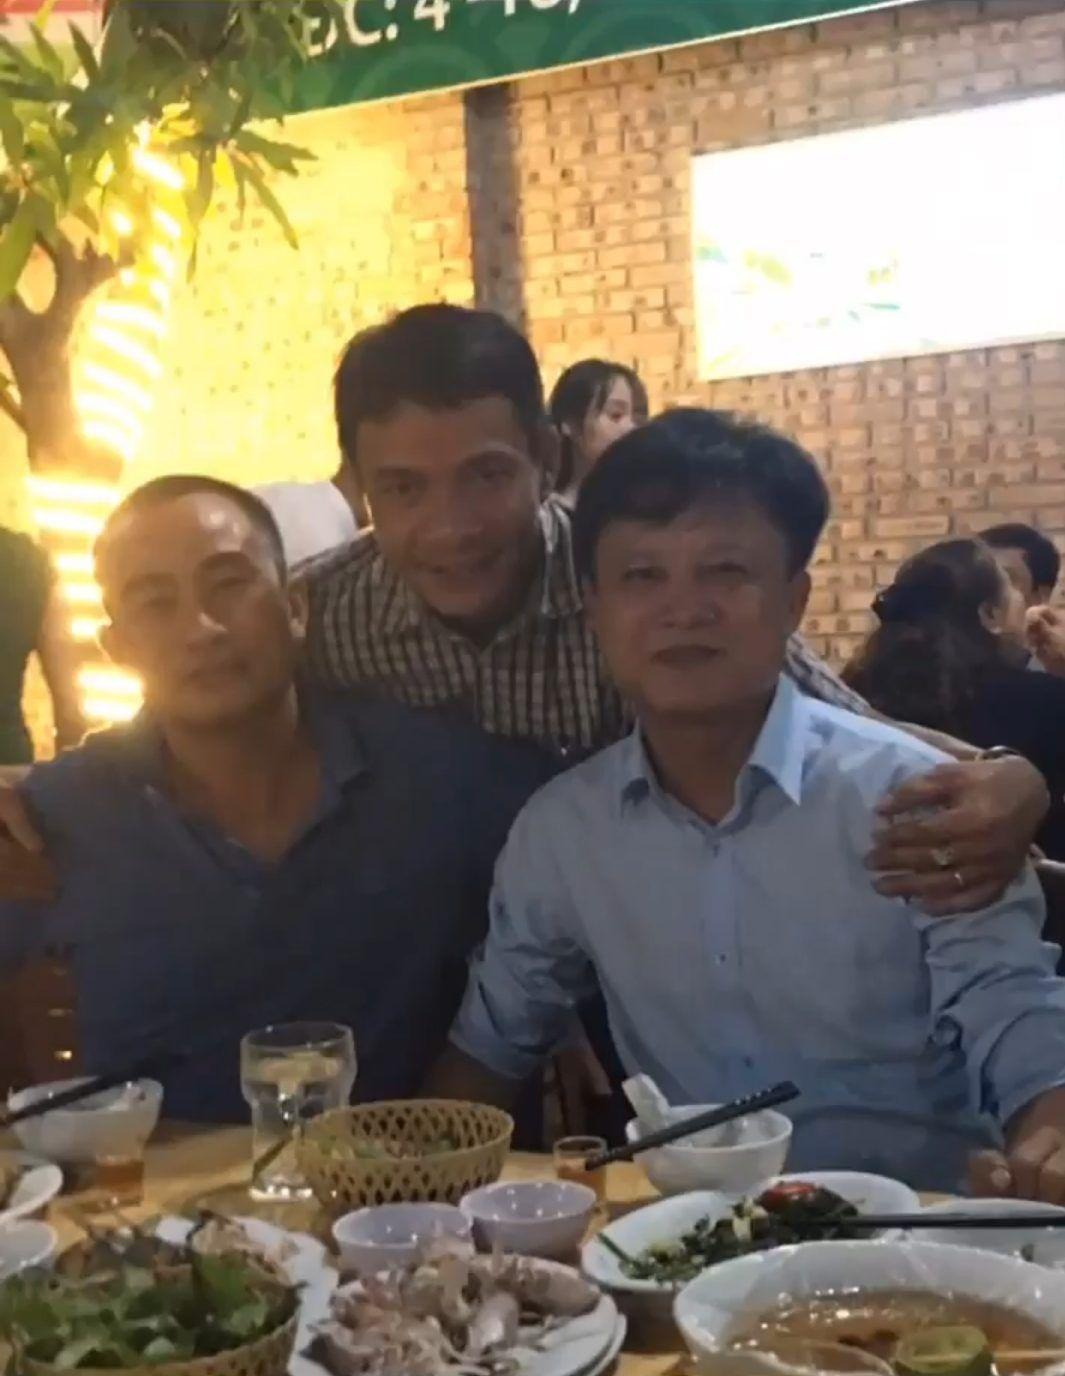 Huế: Thiếu tá đi ăn nhậu, chụp ảnh với đương sự Ảnh 1